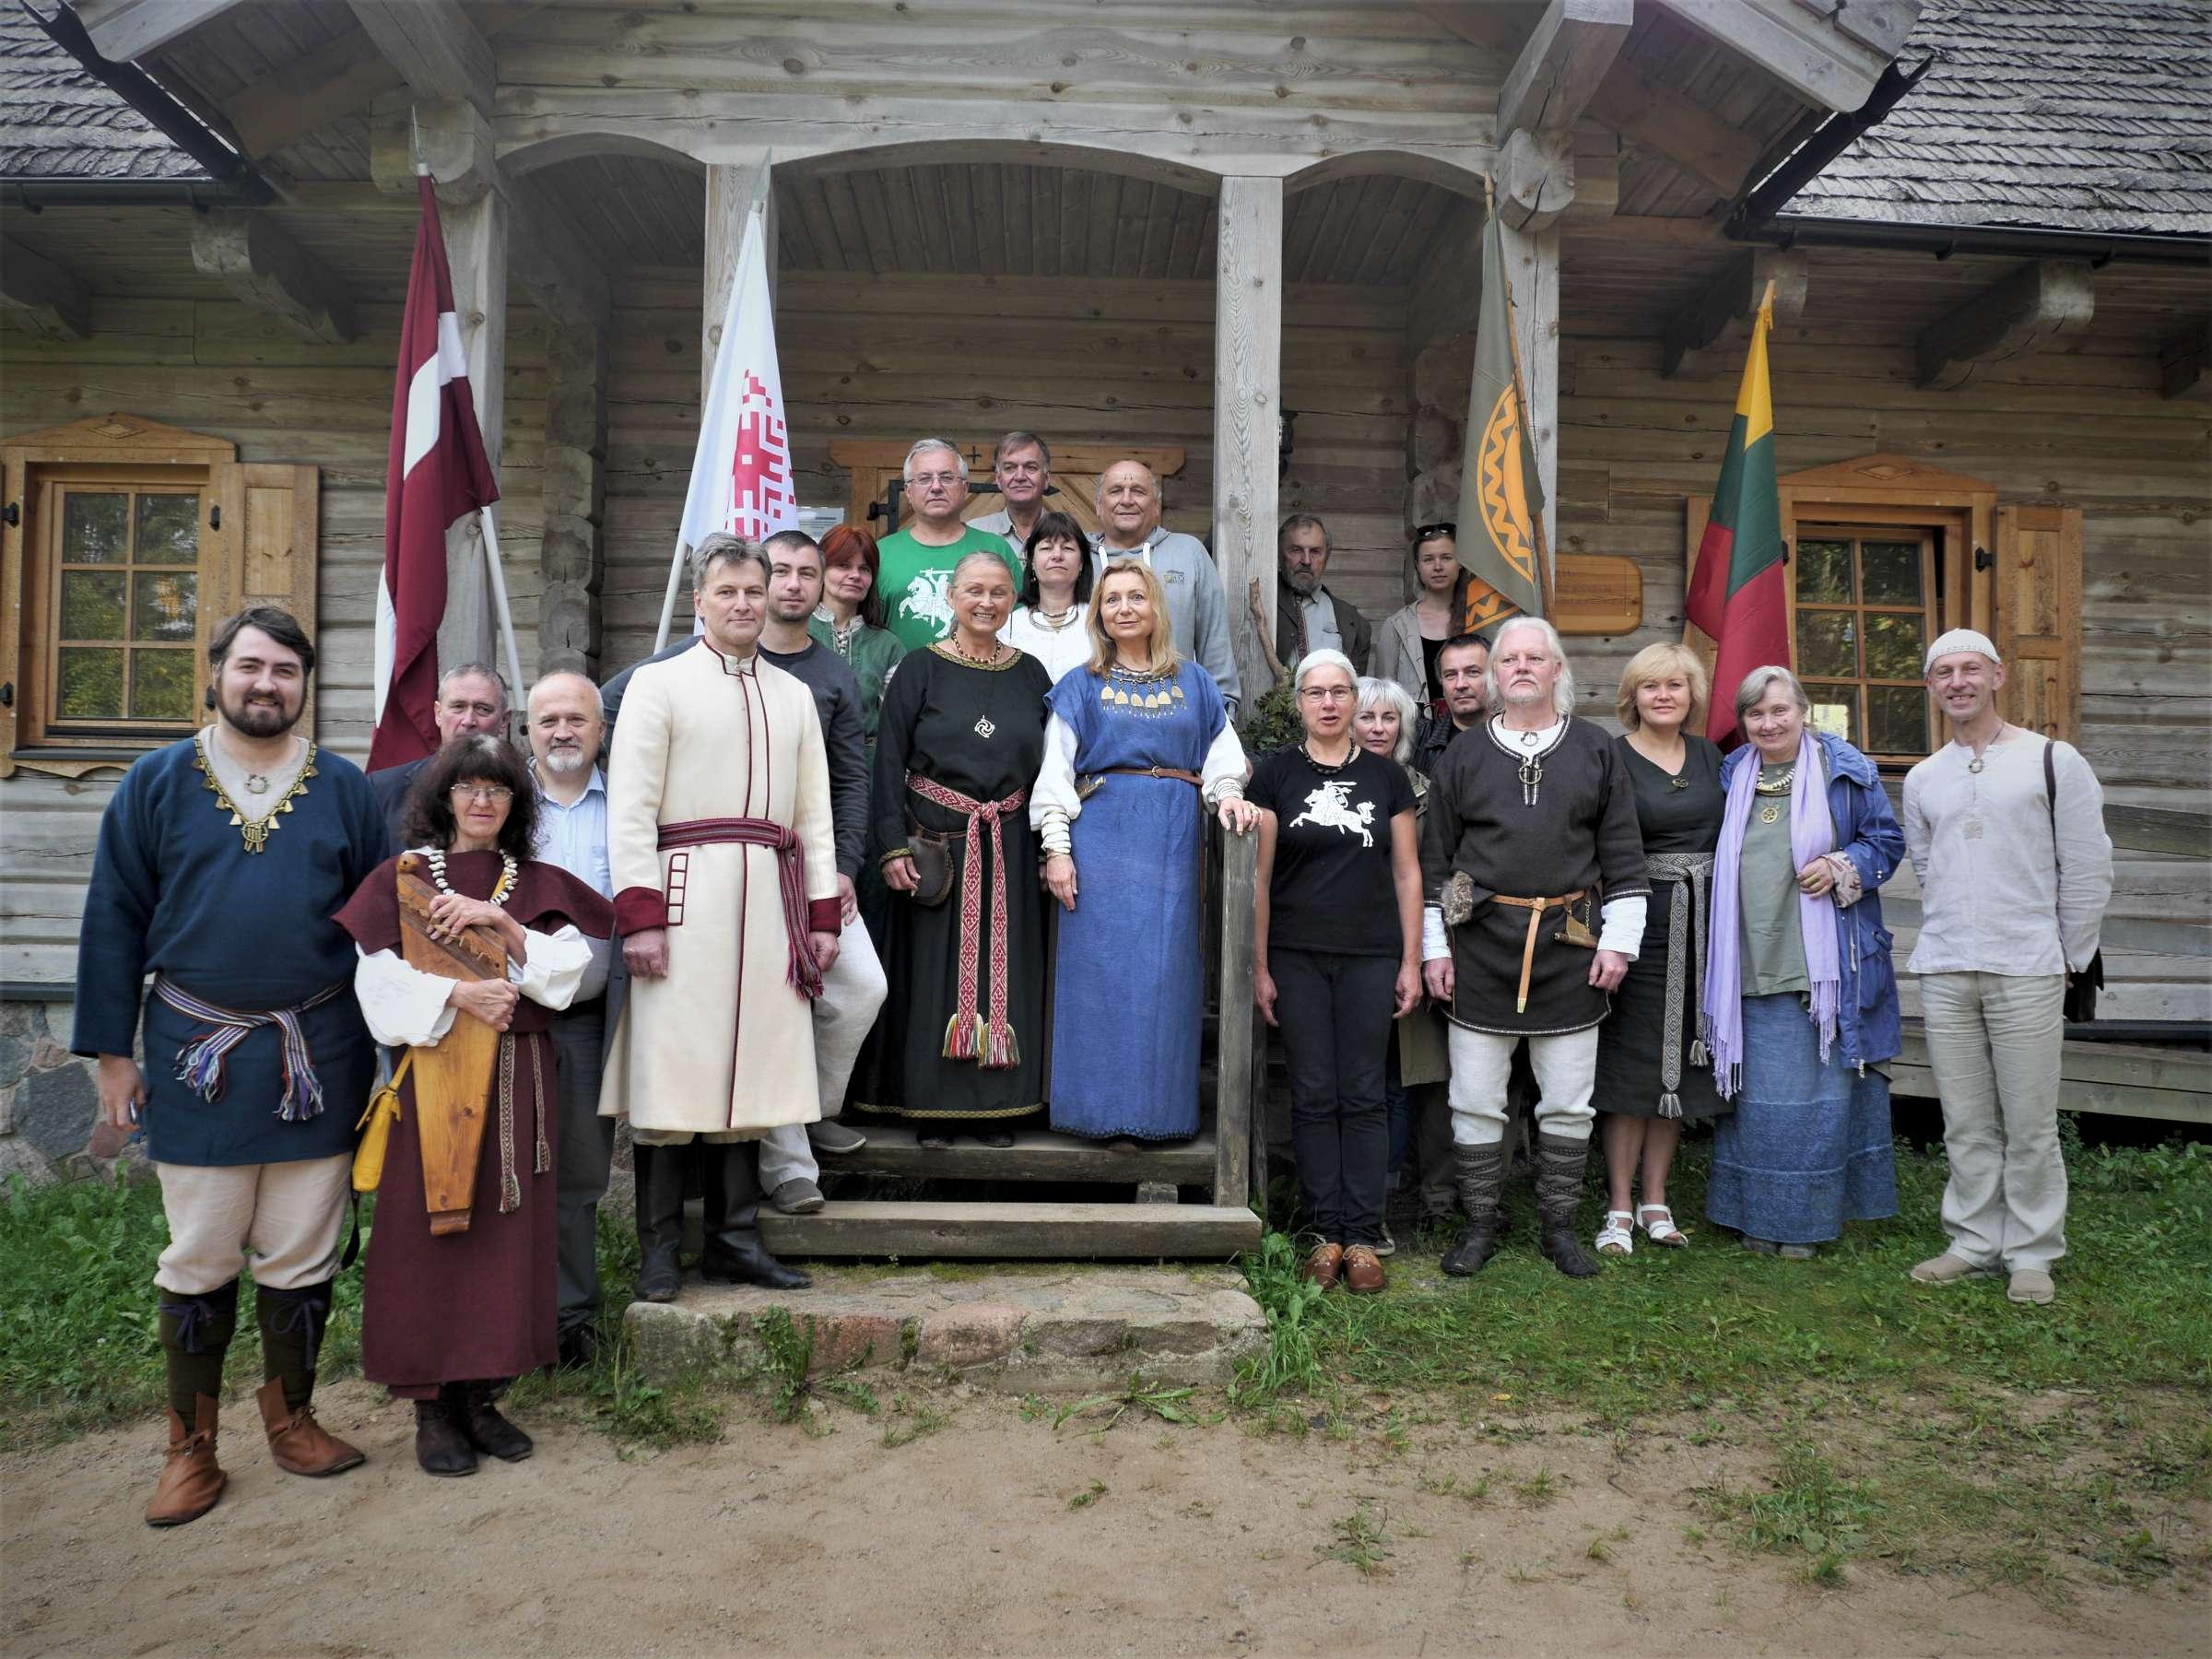 Latvijos ir Lietuvos senojo baltų tikėjimo tęsėjai vienijasi | Alkas.lt, J. Vaiškūno nuotr.